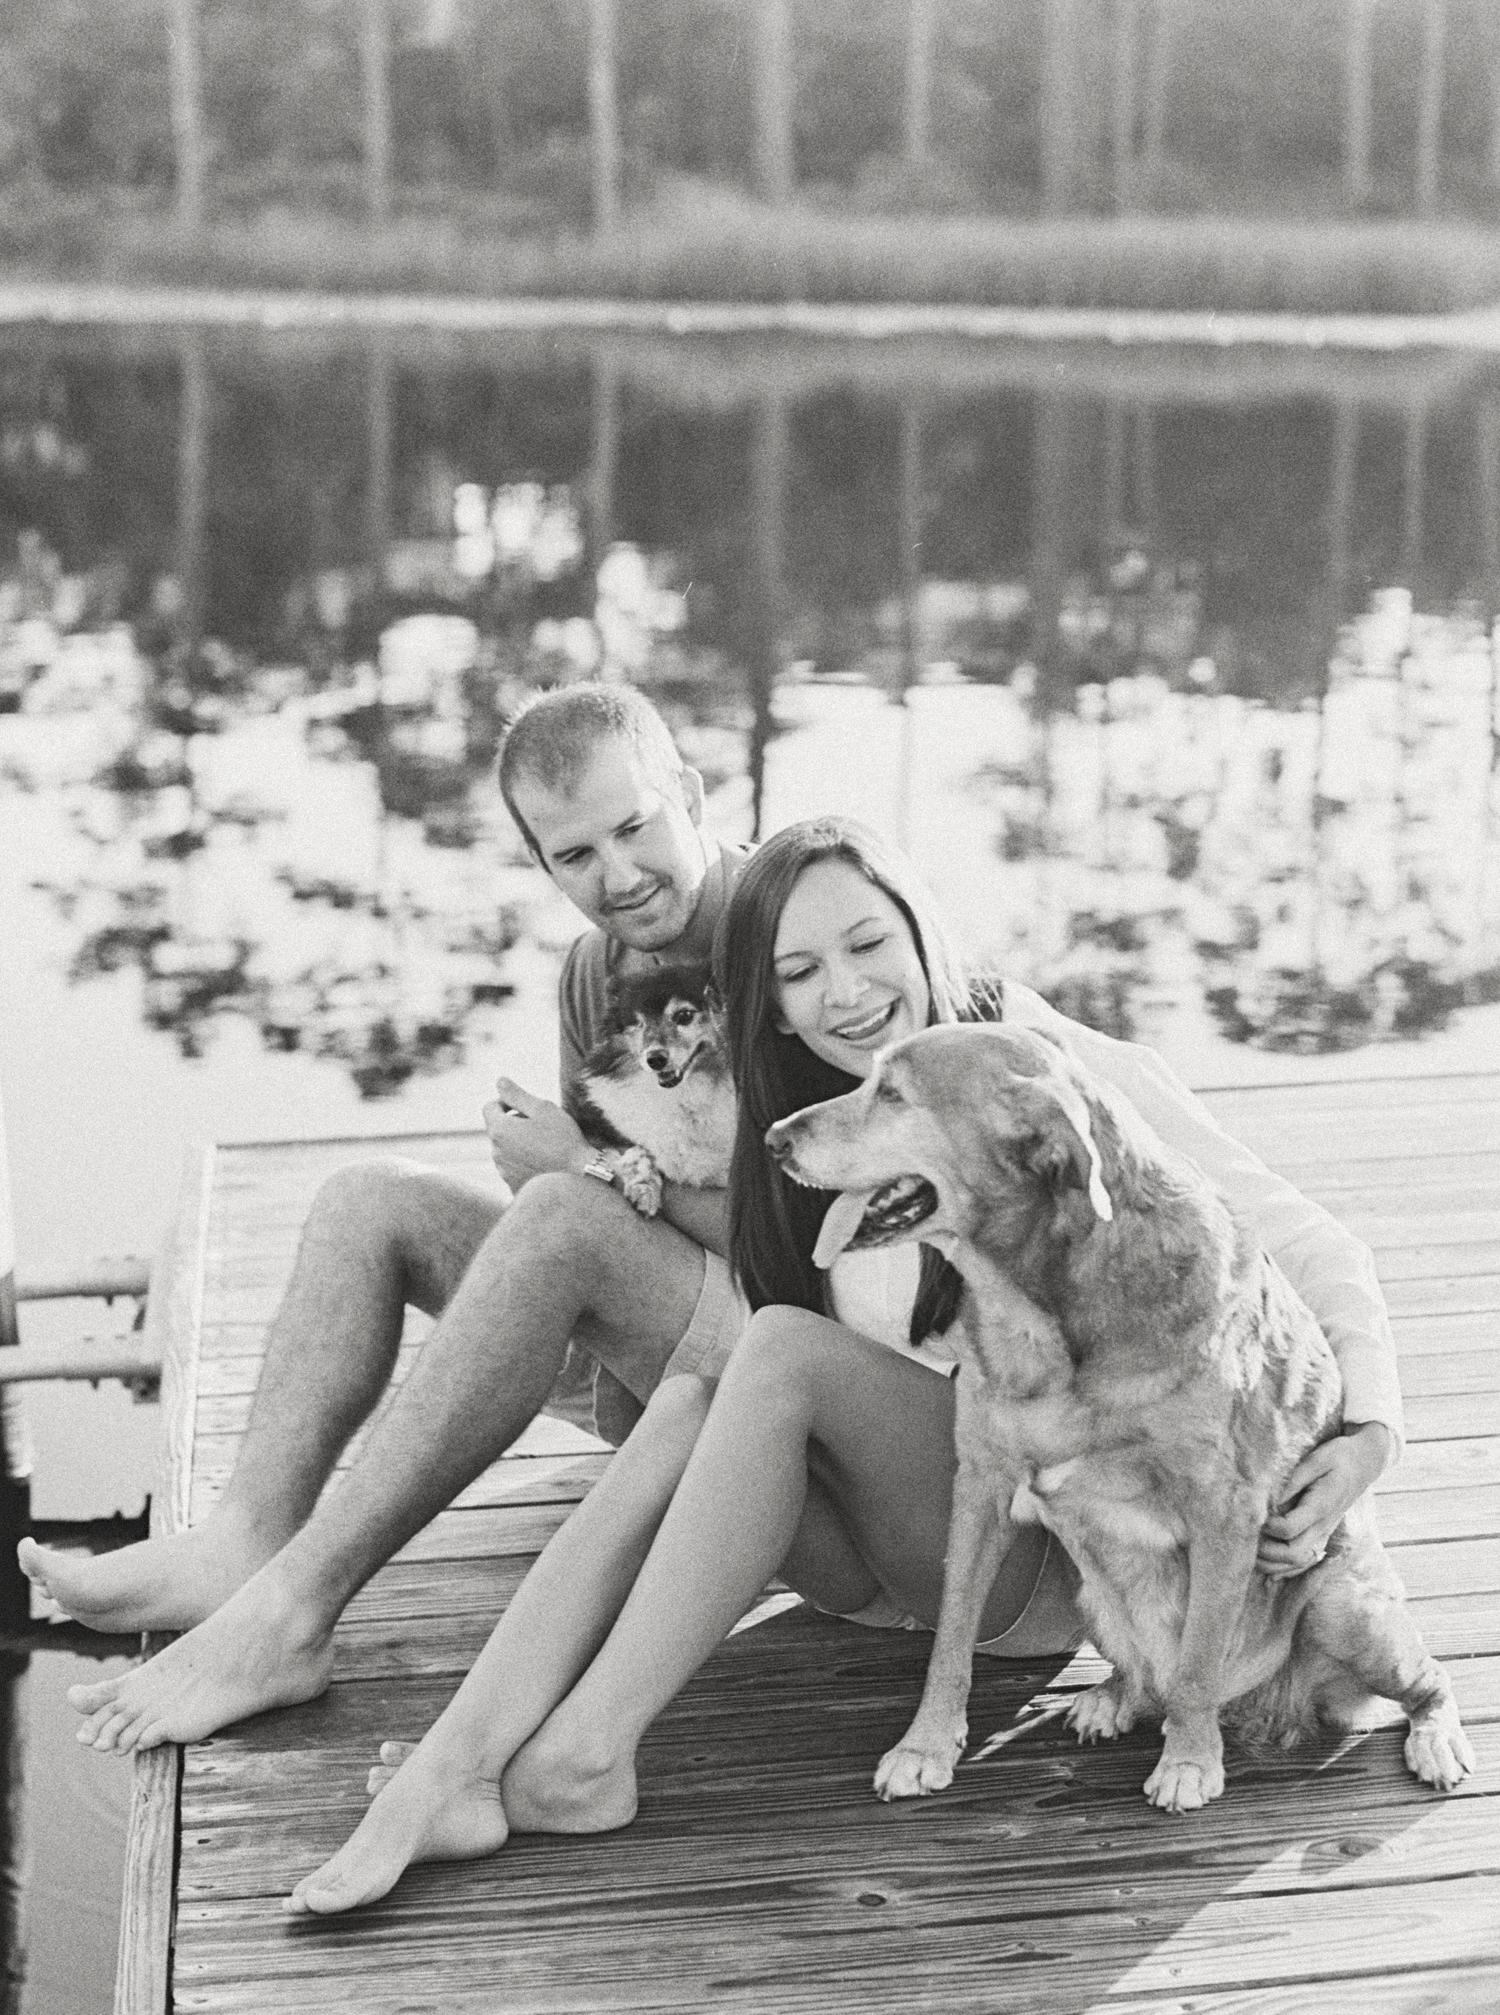 Kaylie&Cory&Pups-1027.jpg